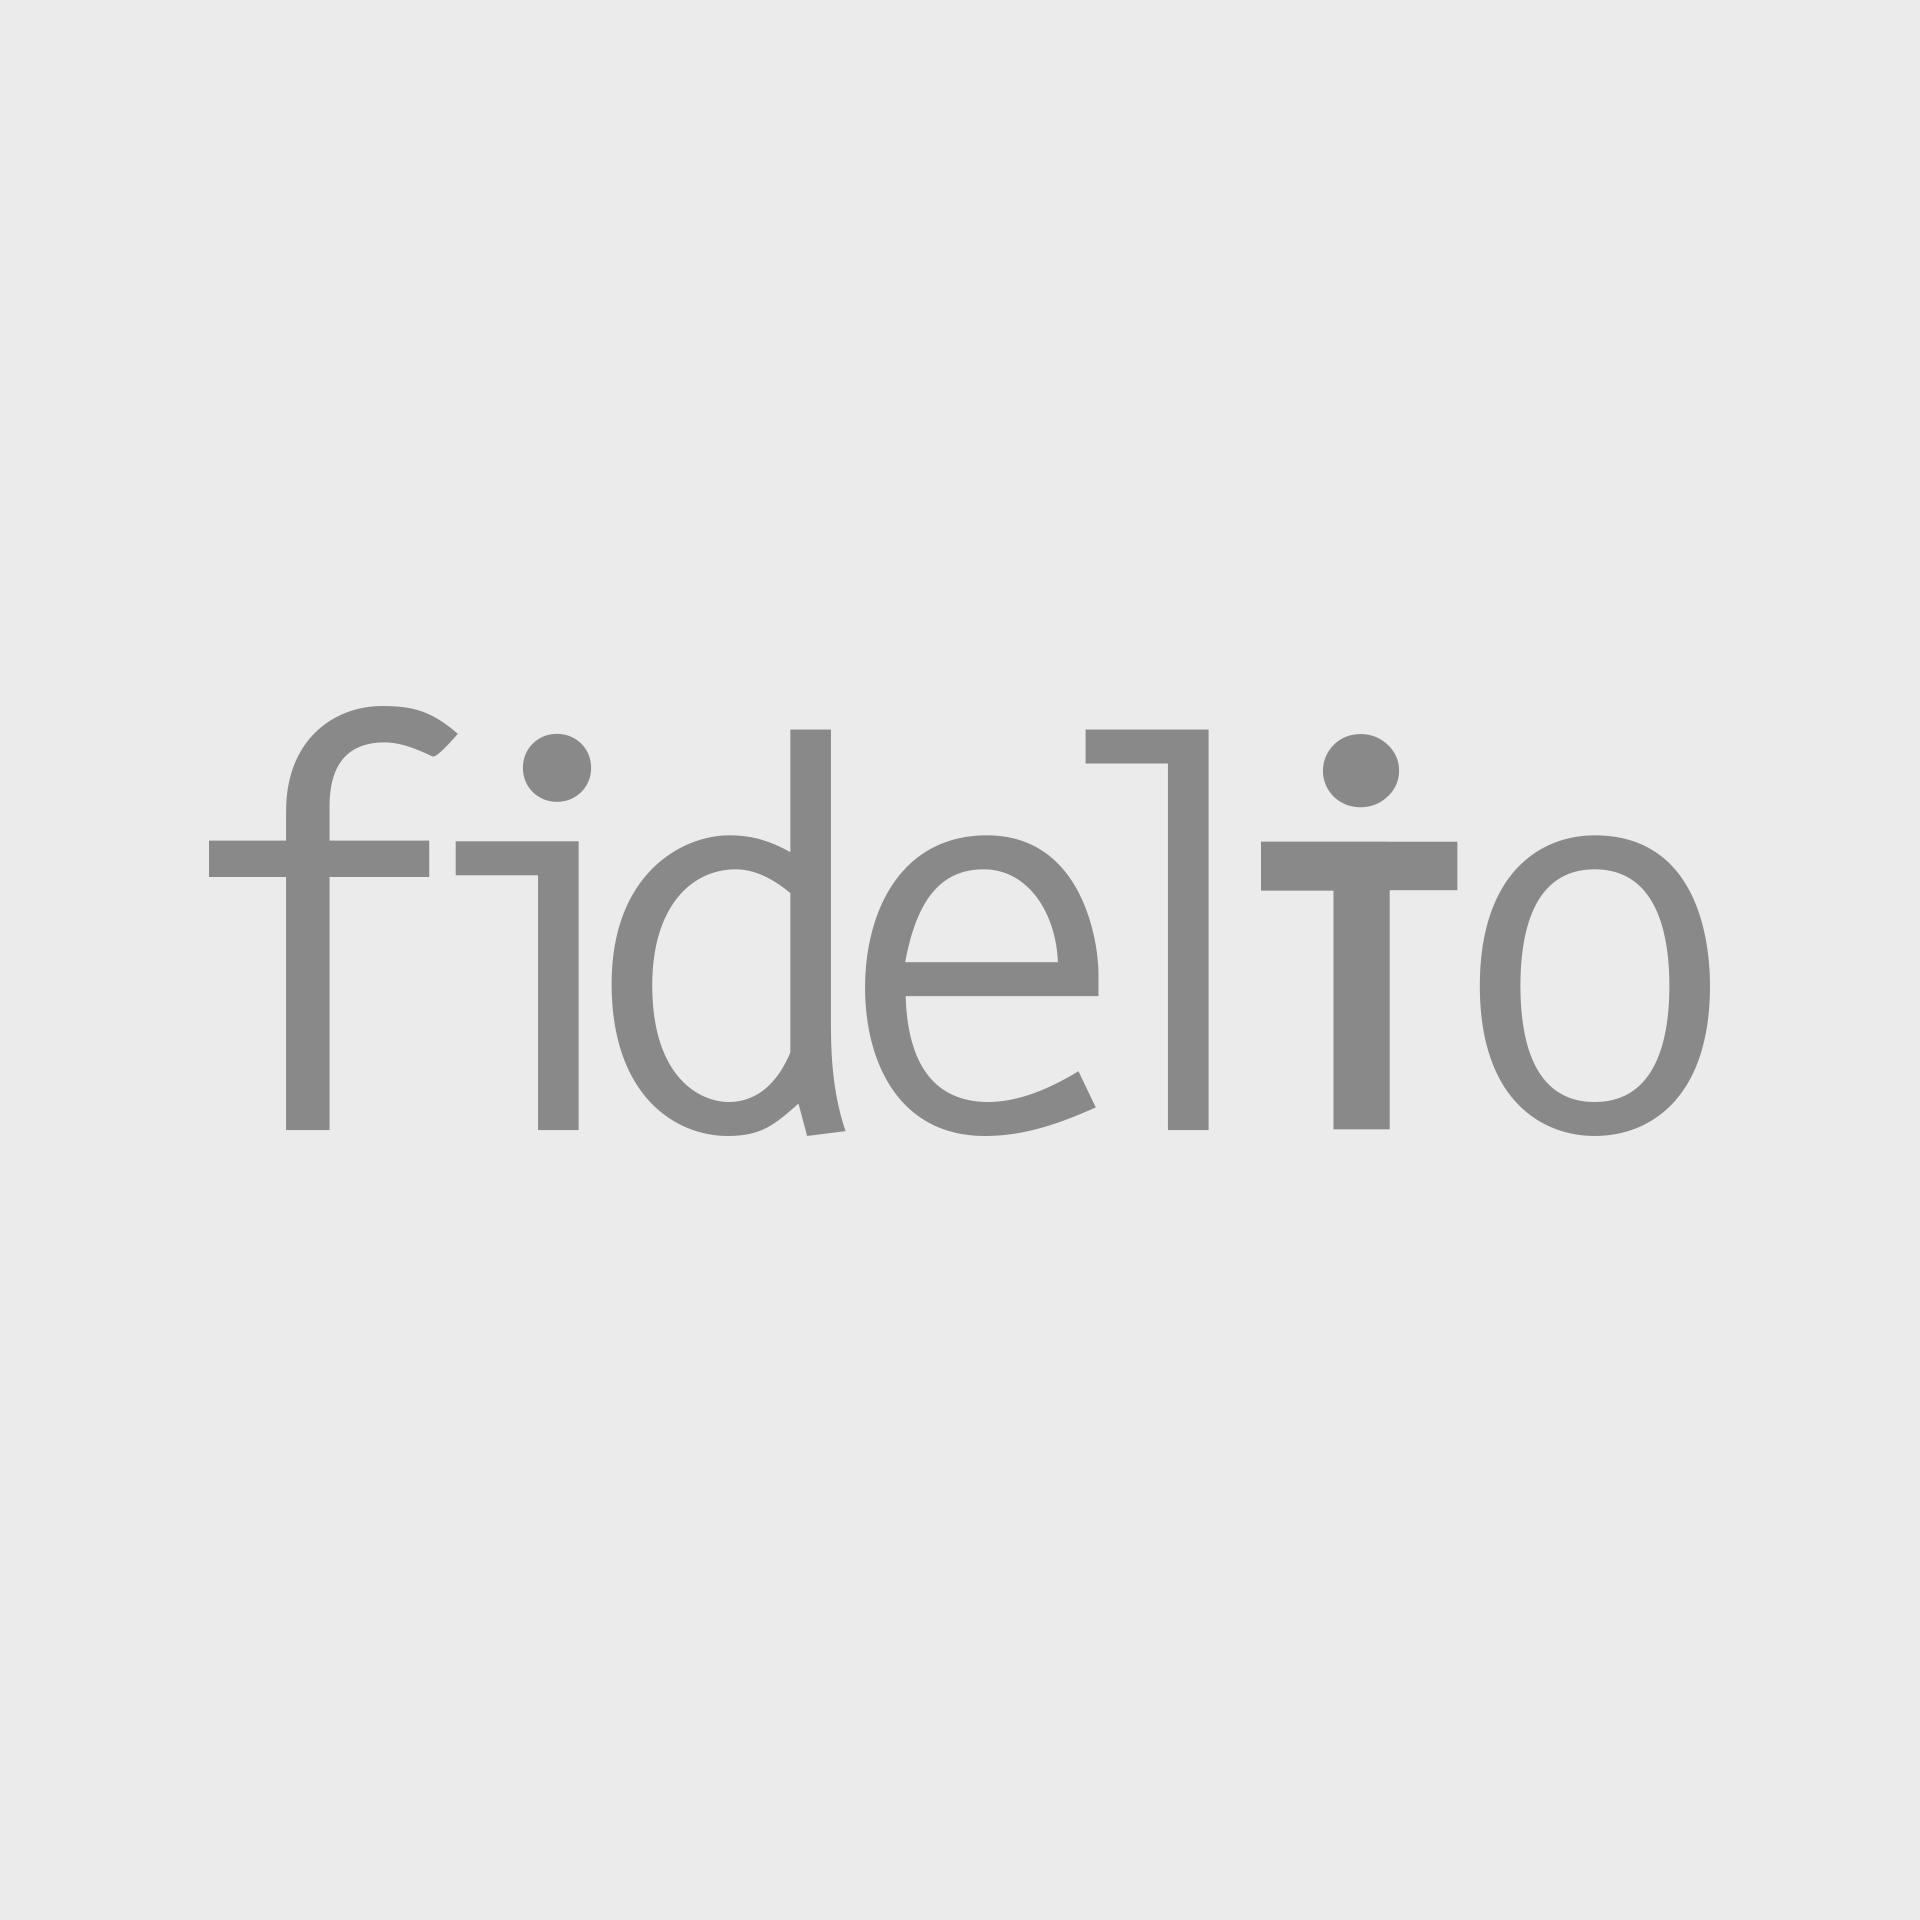 ITAIPUFidelio-133526.jpg